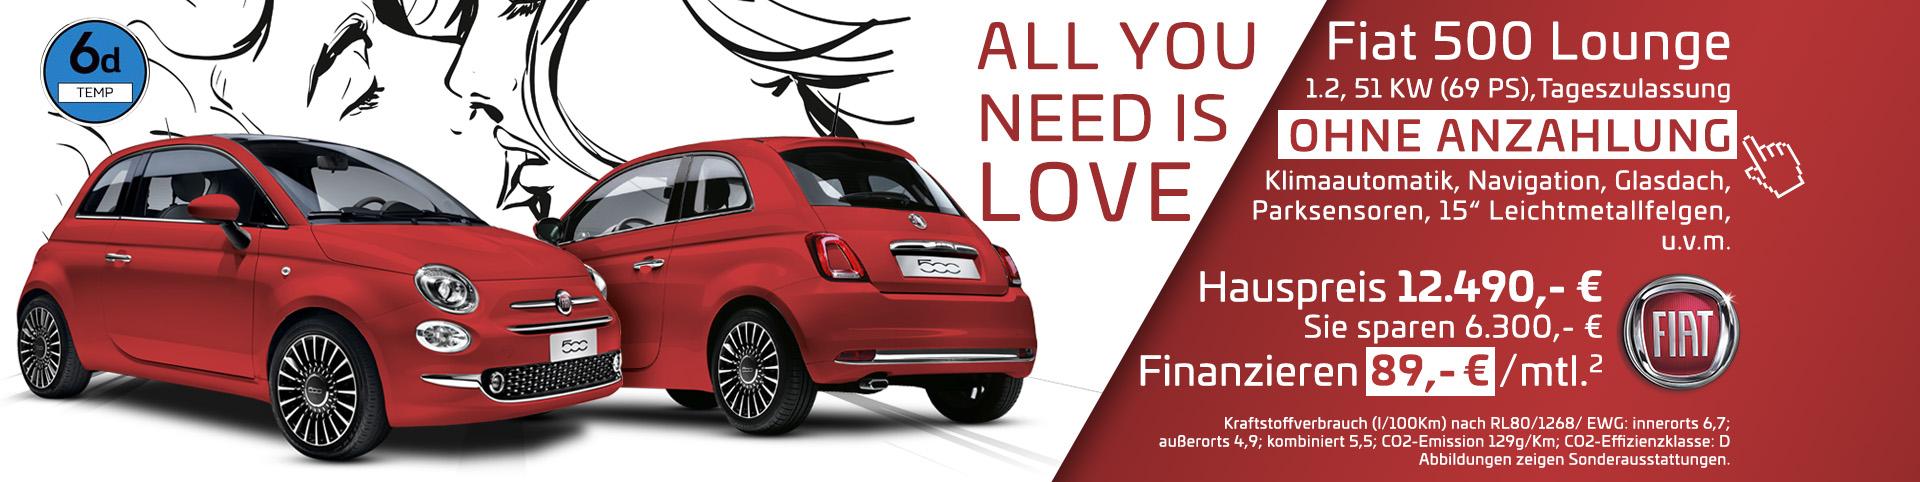 Fiat 500 Top Finanzierungsangebot im Autozentrum P&A-Preckel